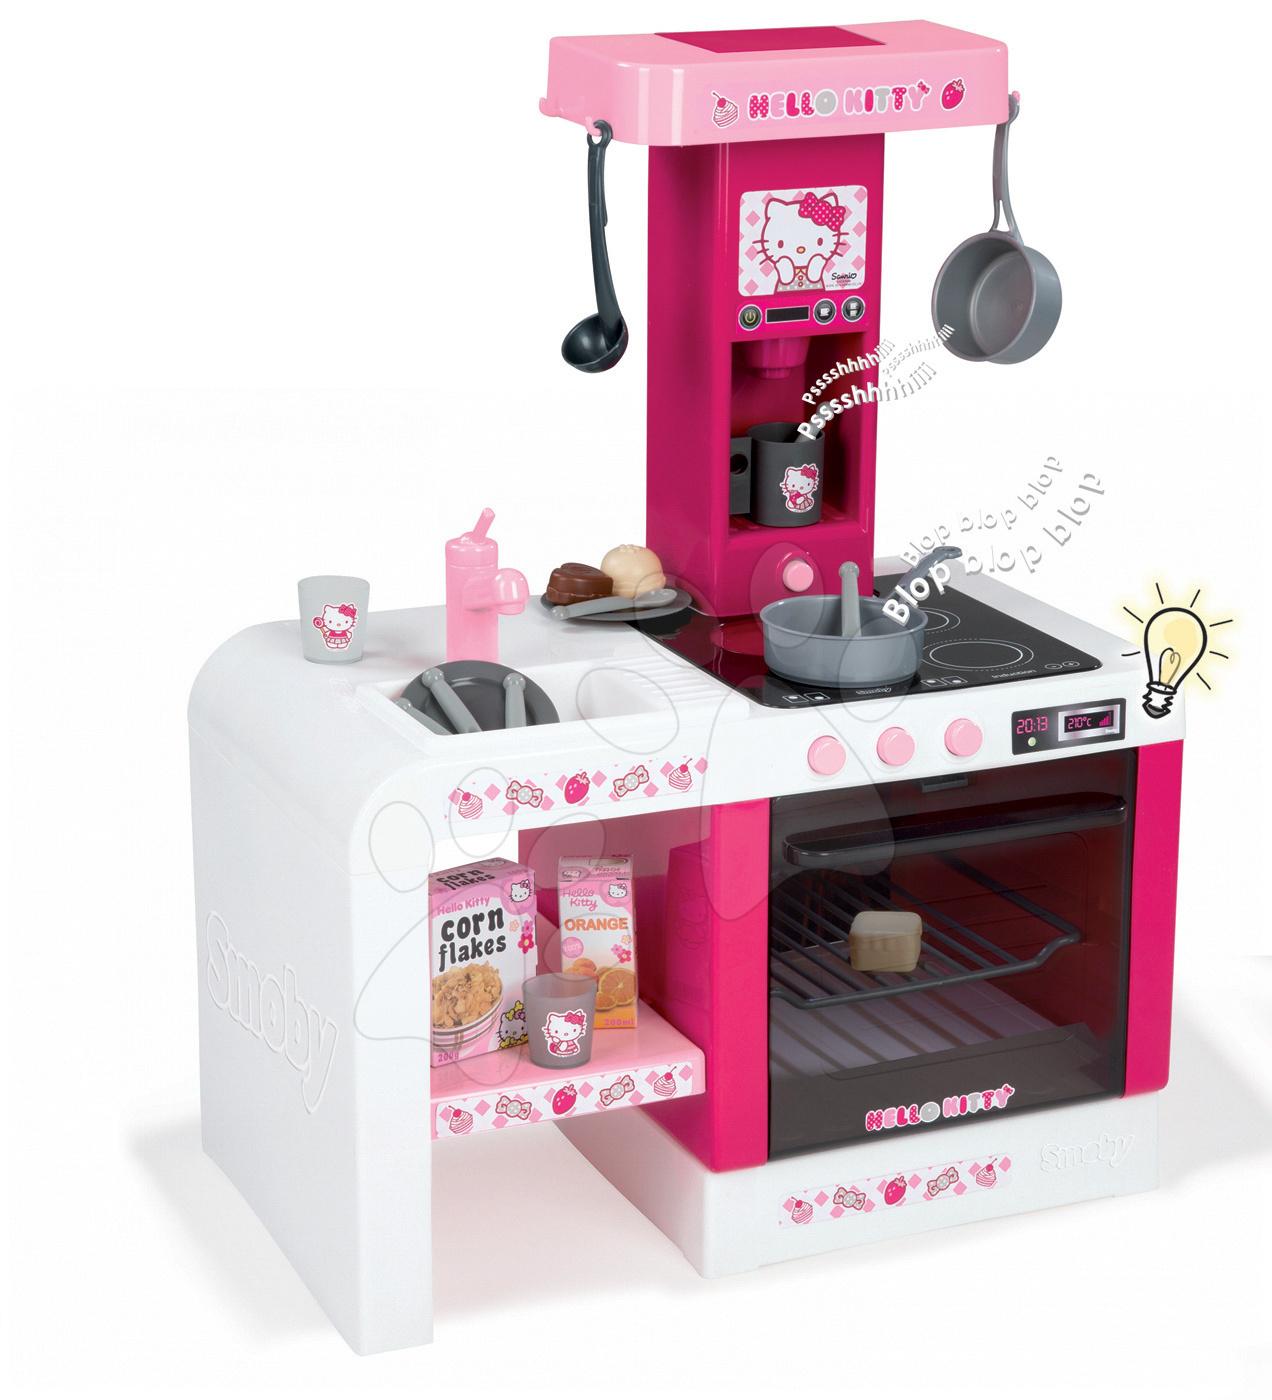 Elektronické kuchynky - Kuchynka Hello Kitty Cheftronic Smoby elektronická so zvukom, svetlom a 19 doplnkami tmavoružová